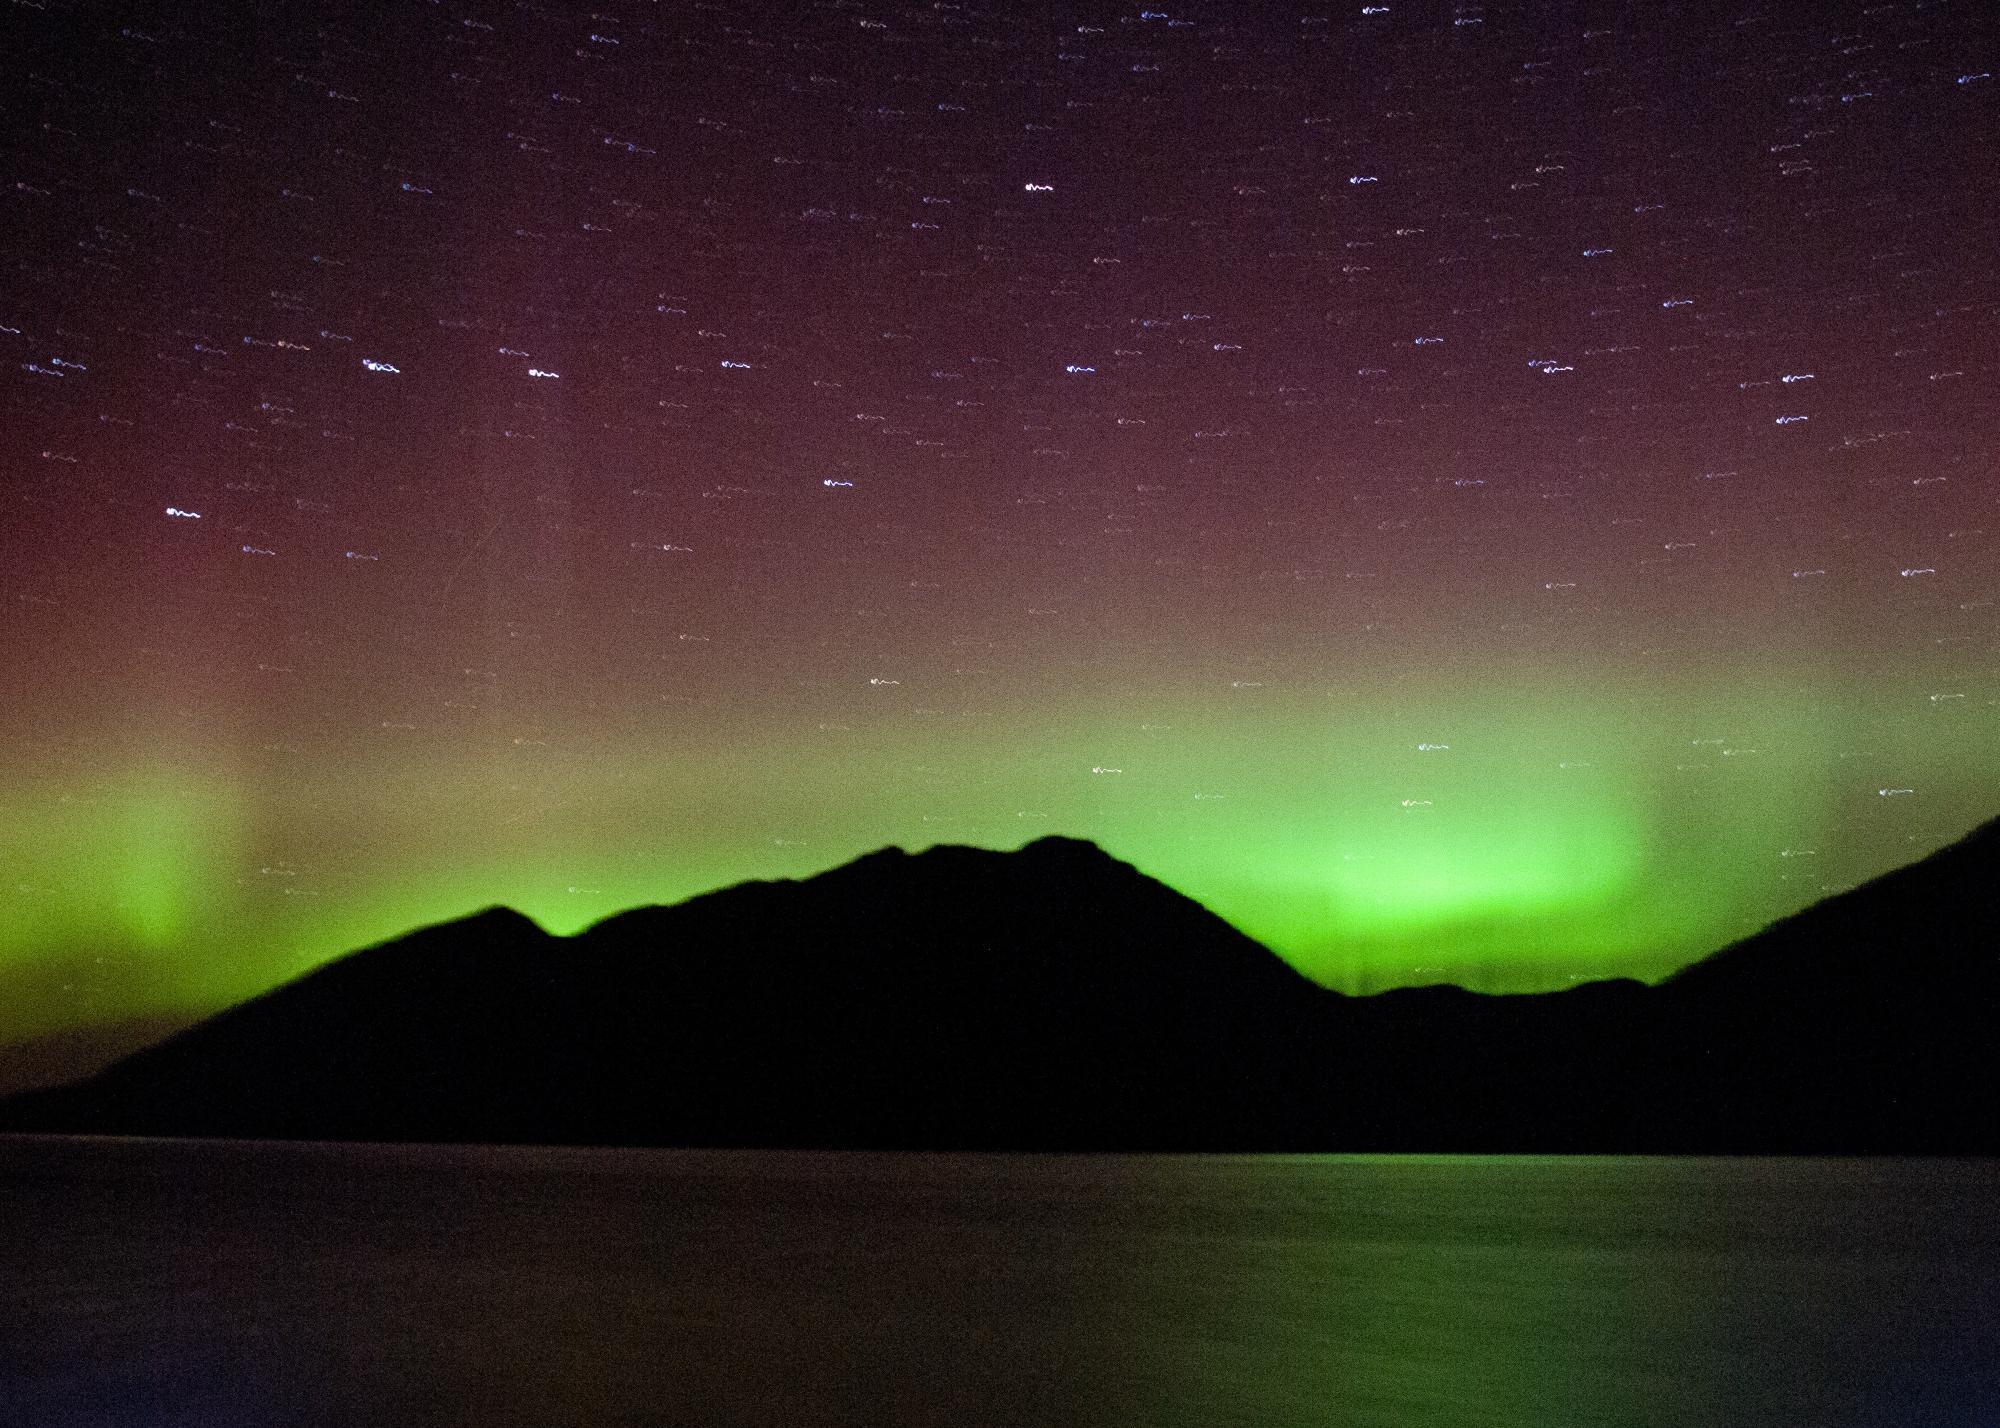 Aurora borealis/crew photo